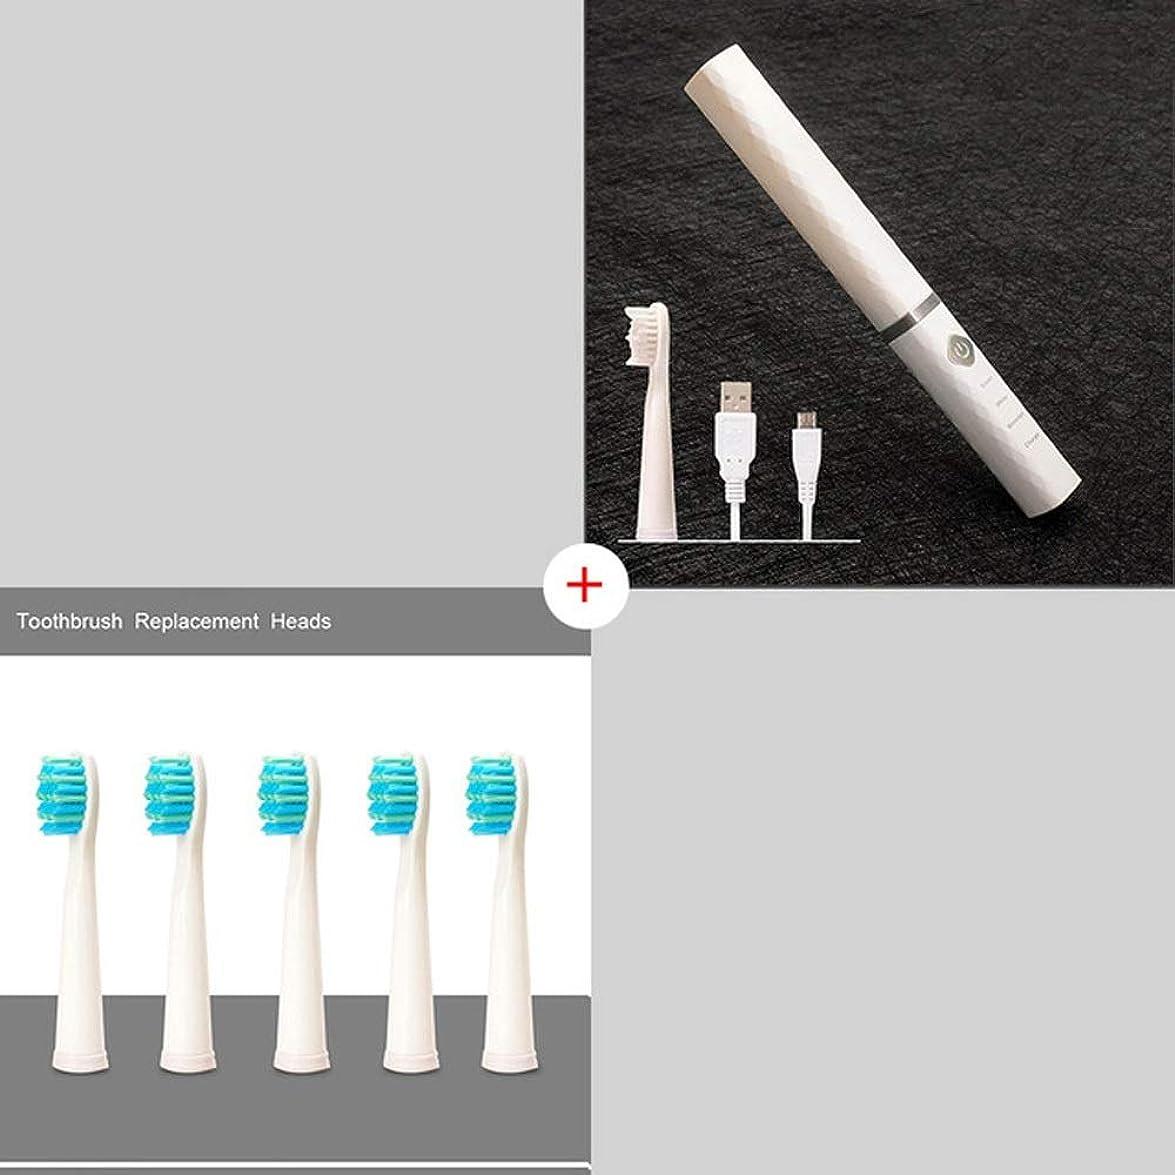 機構要塞加入BeTyd の電動歯ブラシきれいな白くなる歯携帯用電動歯ブラシファッションデザインスマートチップ充電式 (Color : White5Heads)